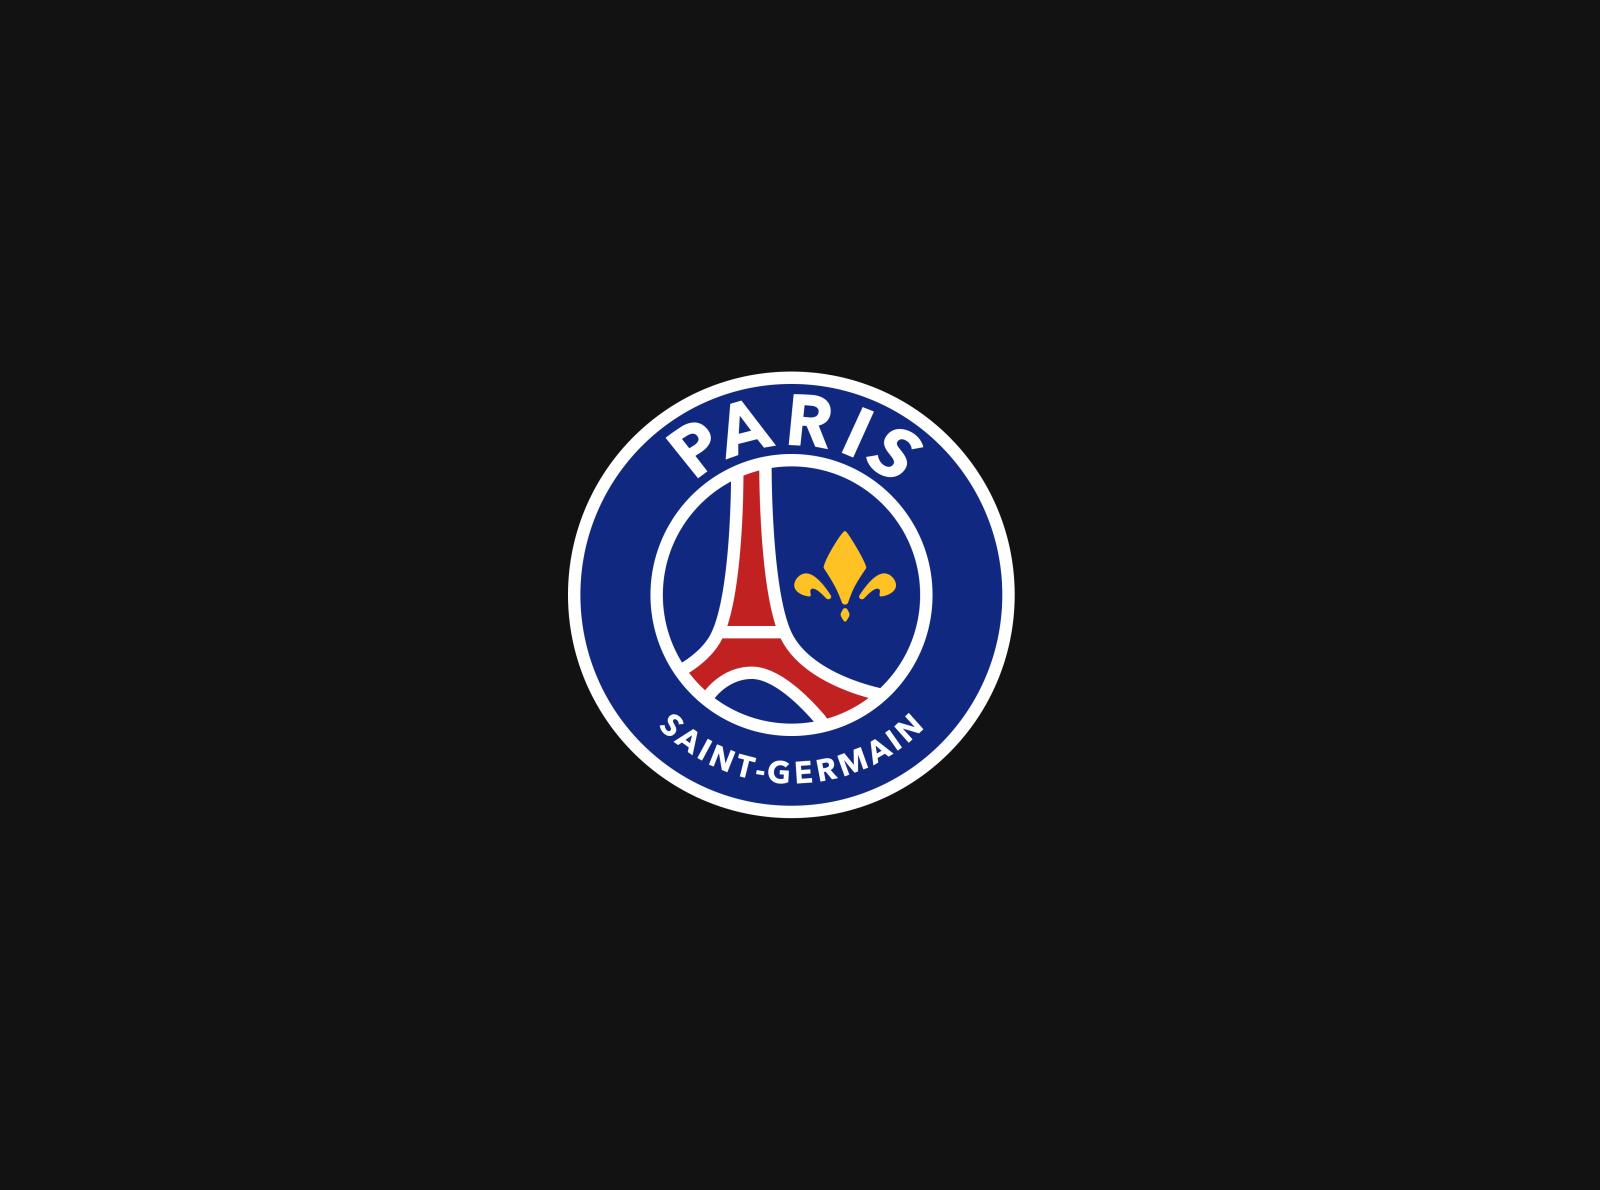 Dailylogochallenge Day 32 Psg Logo Redesign Sports Team Logo By Ugo Borrey On Dribbble